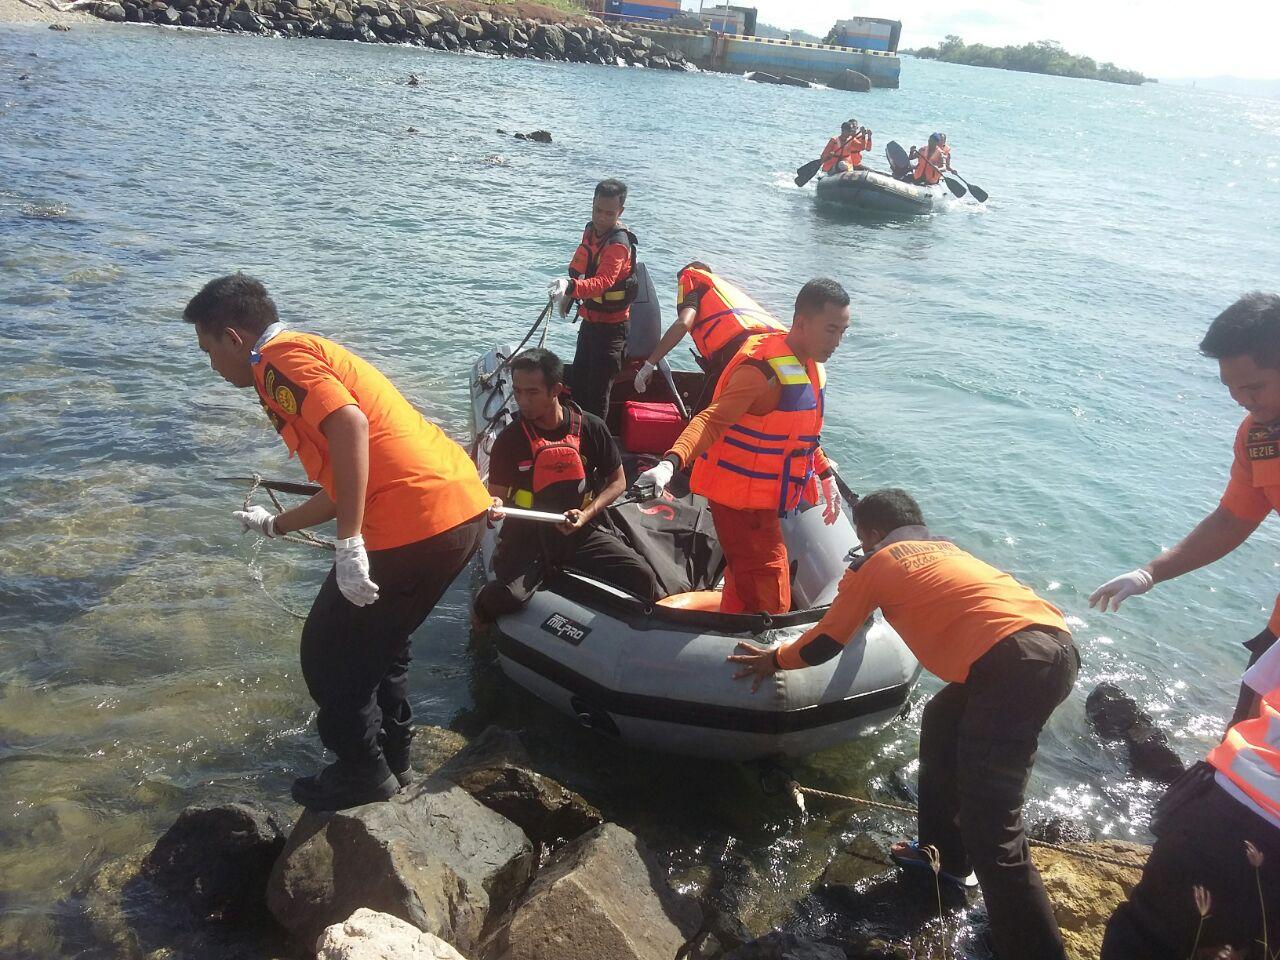 Jasad Penumpang yang Terpeleset dari Kapal di Bakauheni Ditemukan